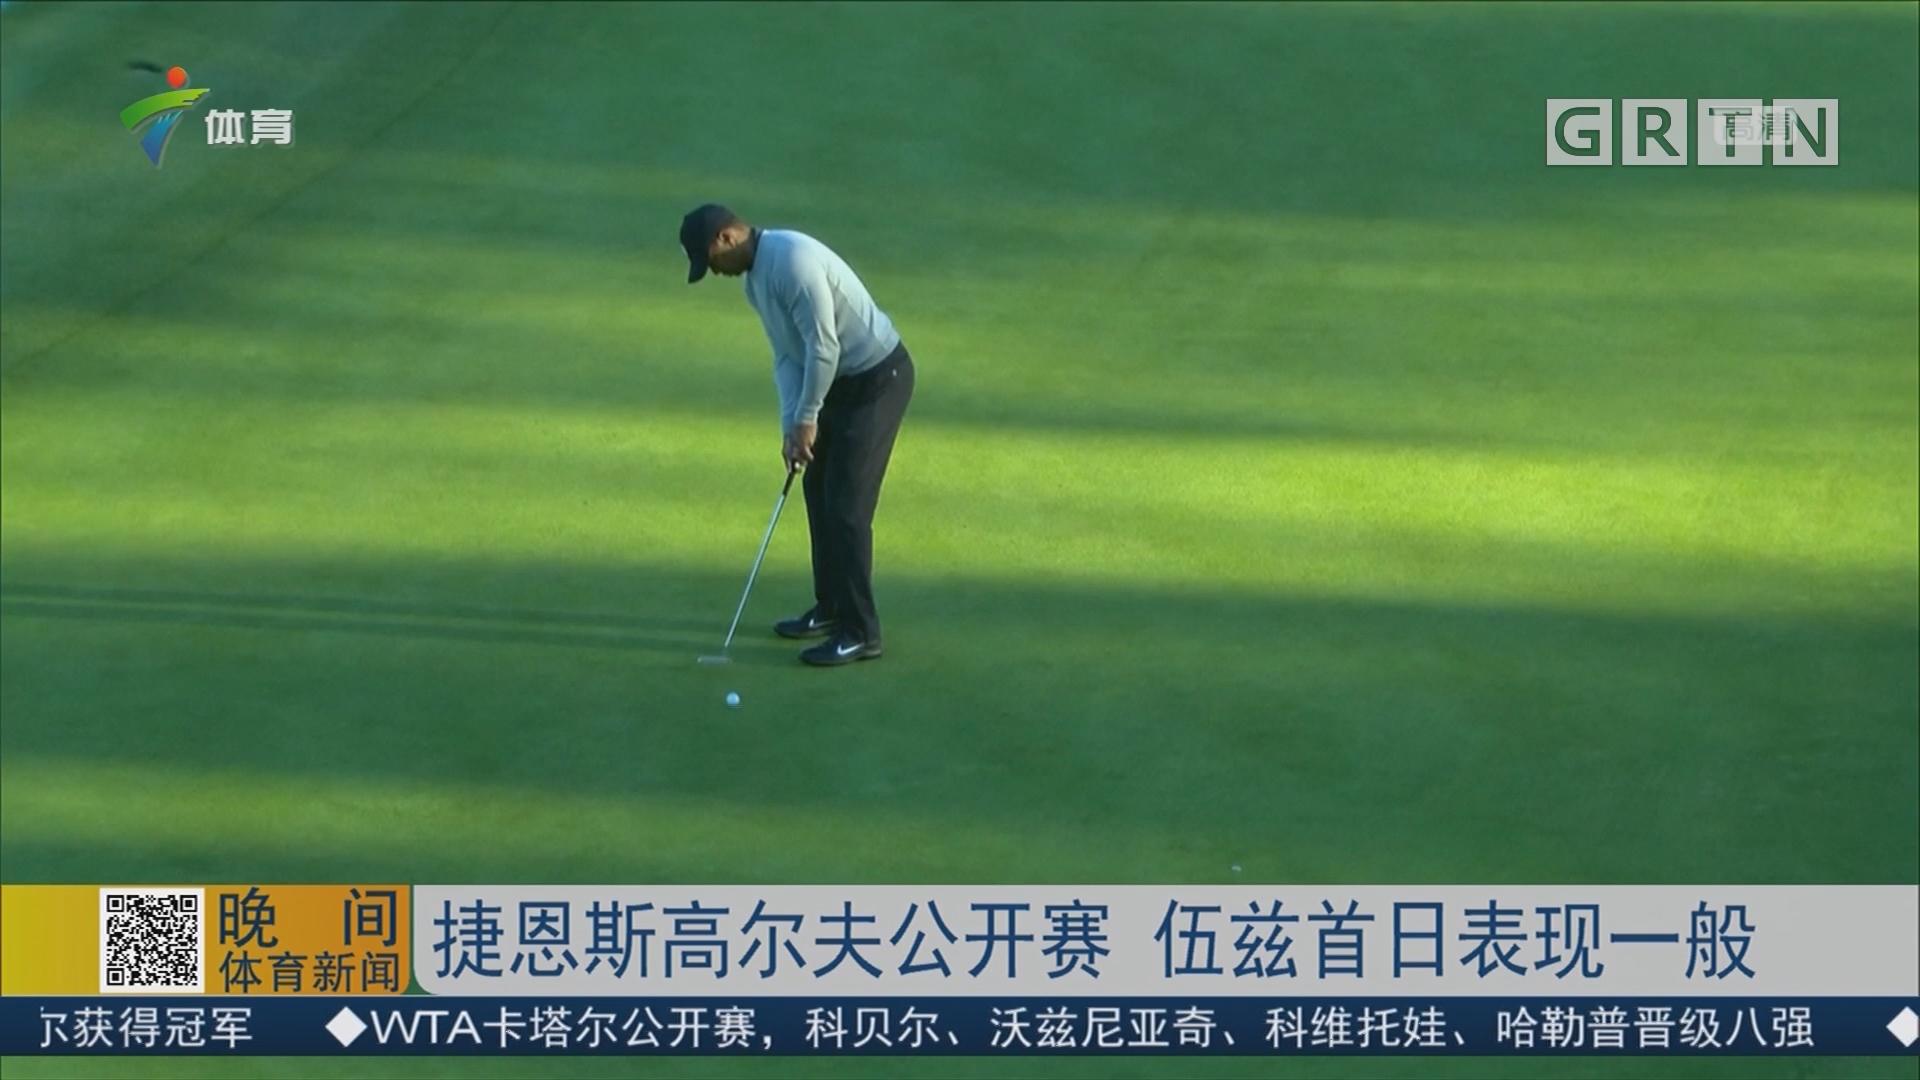 捷恩斯高尔夫公开赛 伍兹首日表现一般